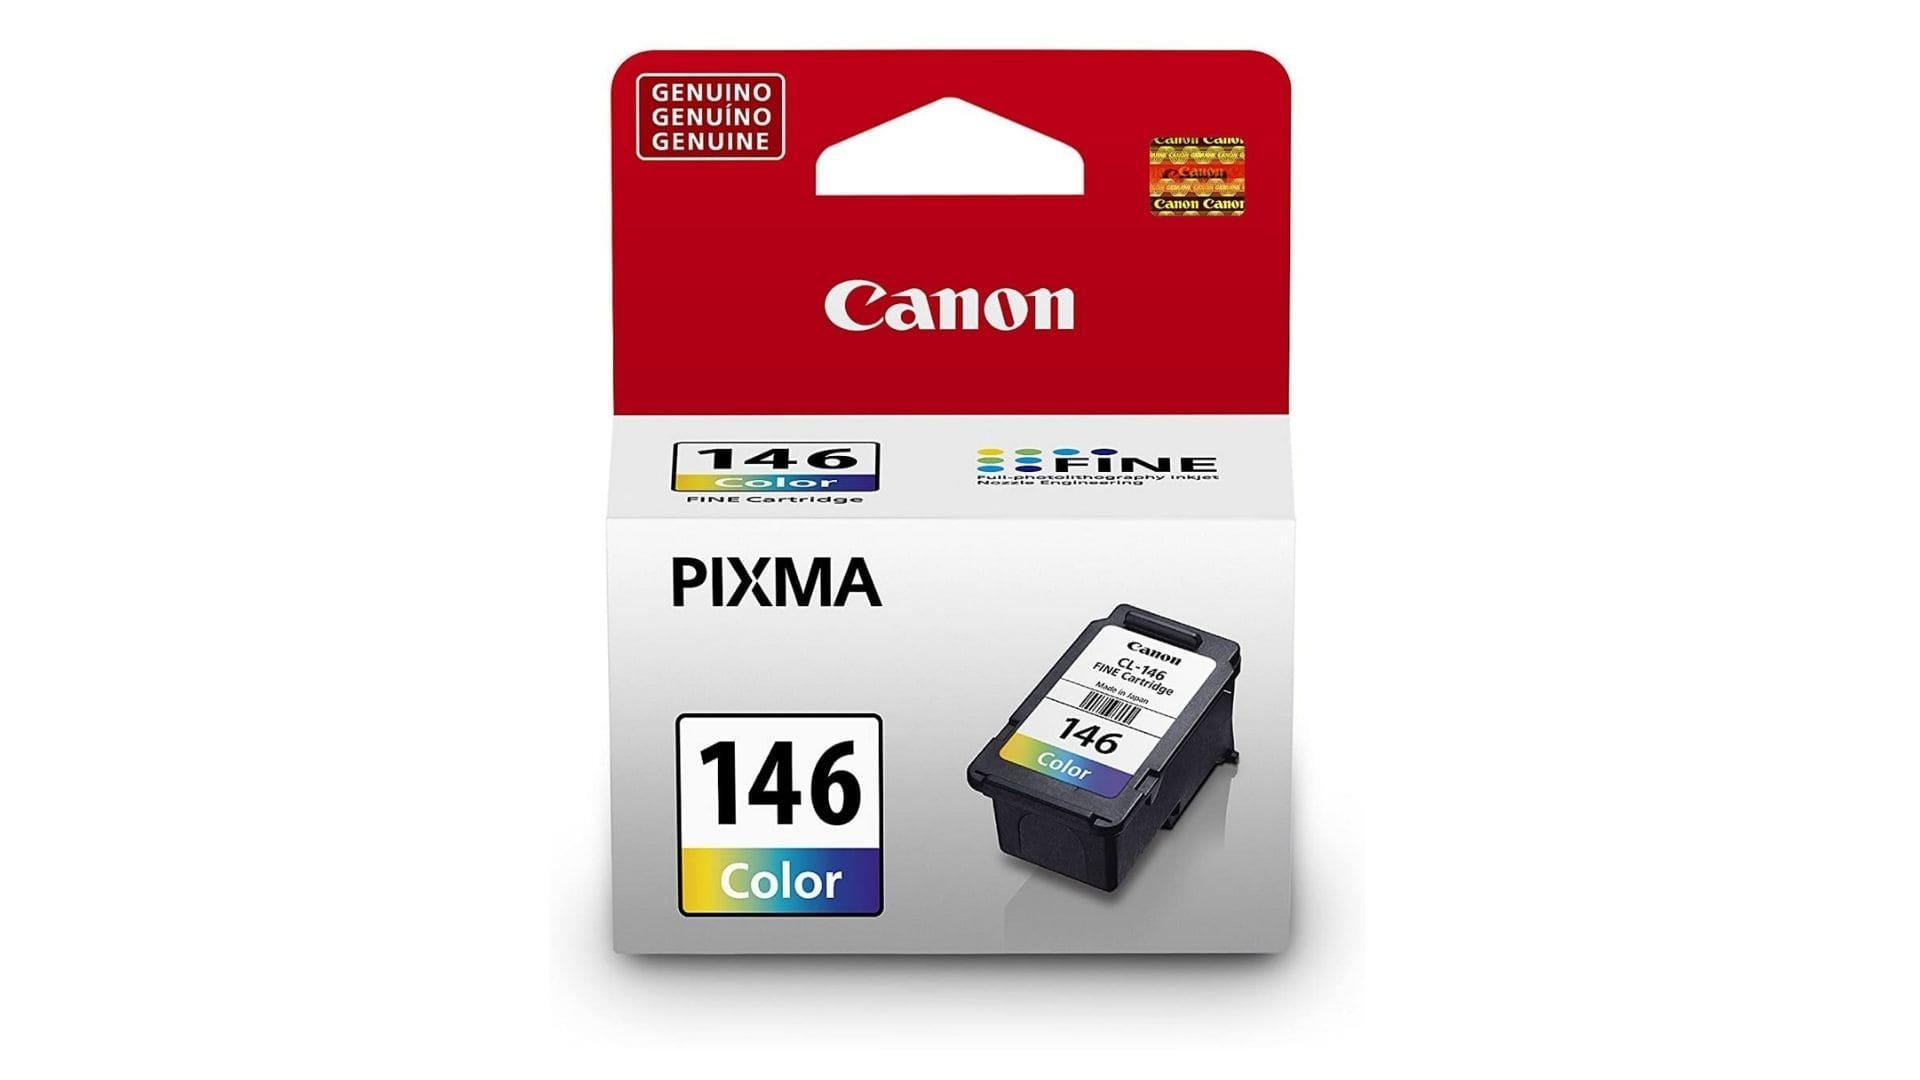 Cartucho de Tinta para impressora Canon CL-146, Canon, Multicor